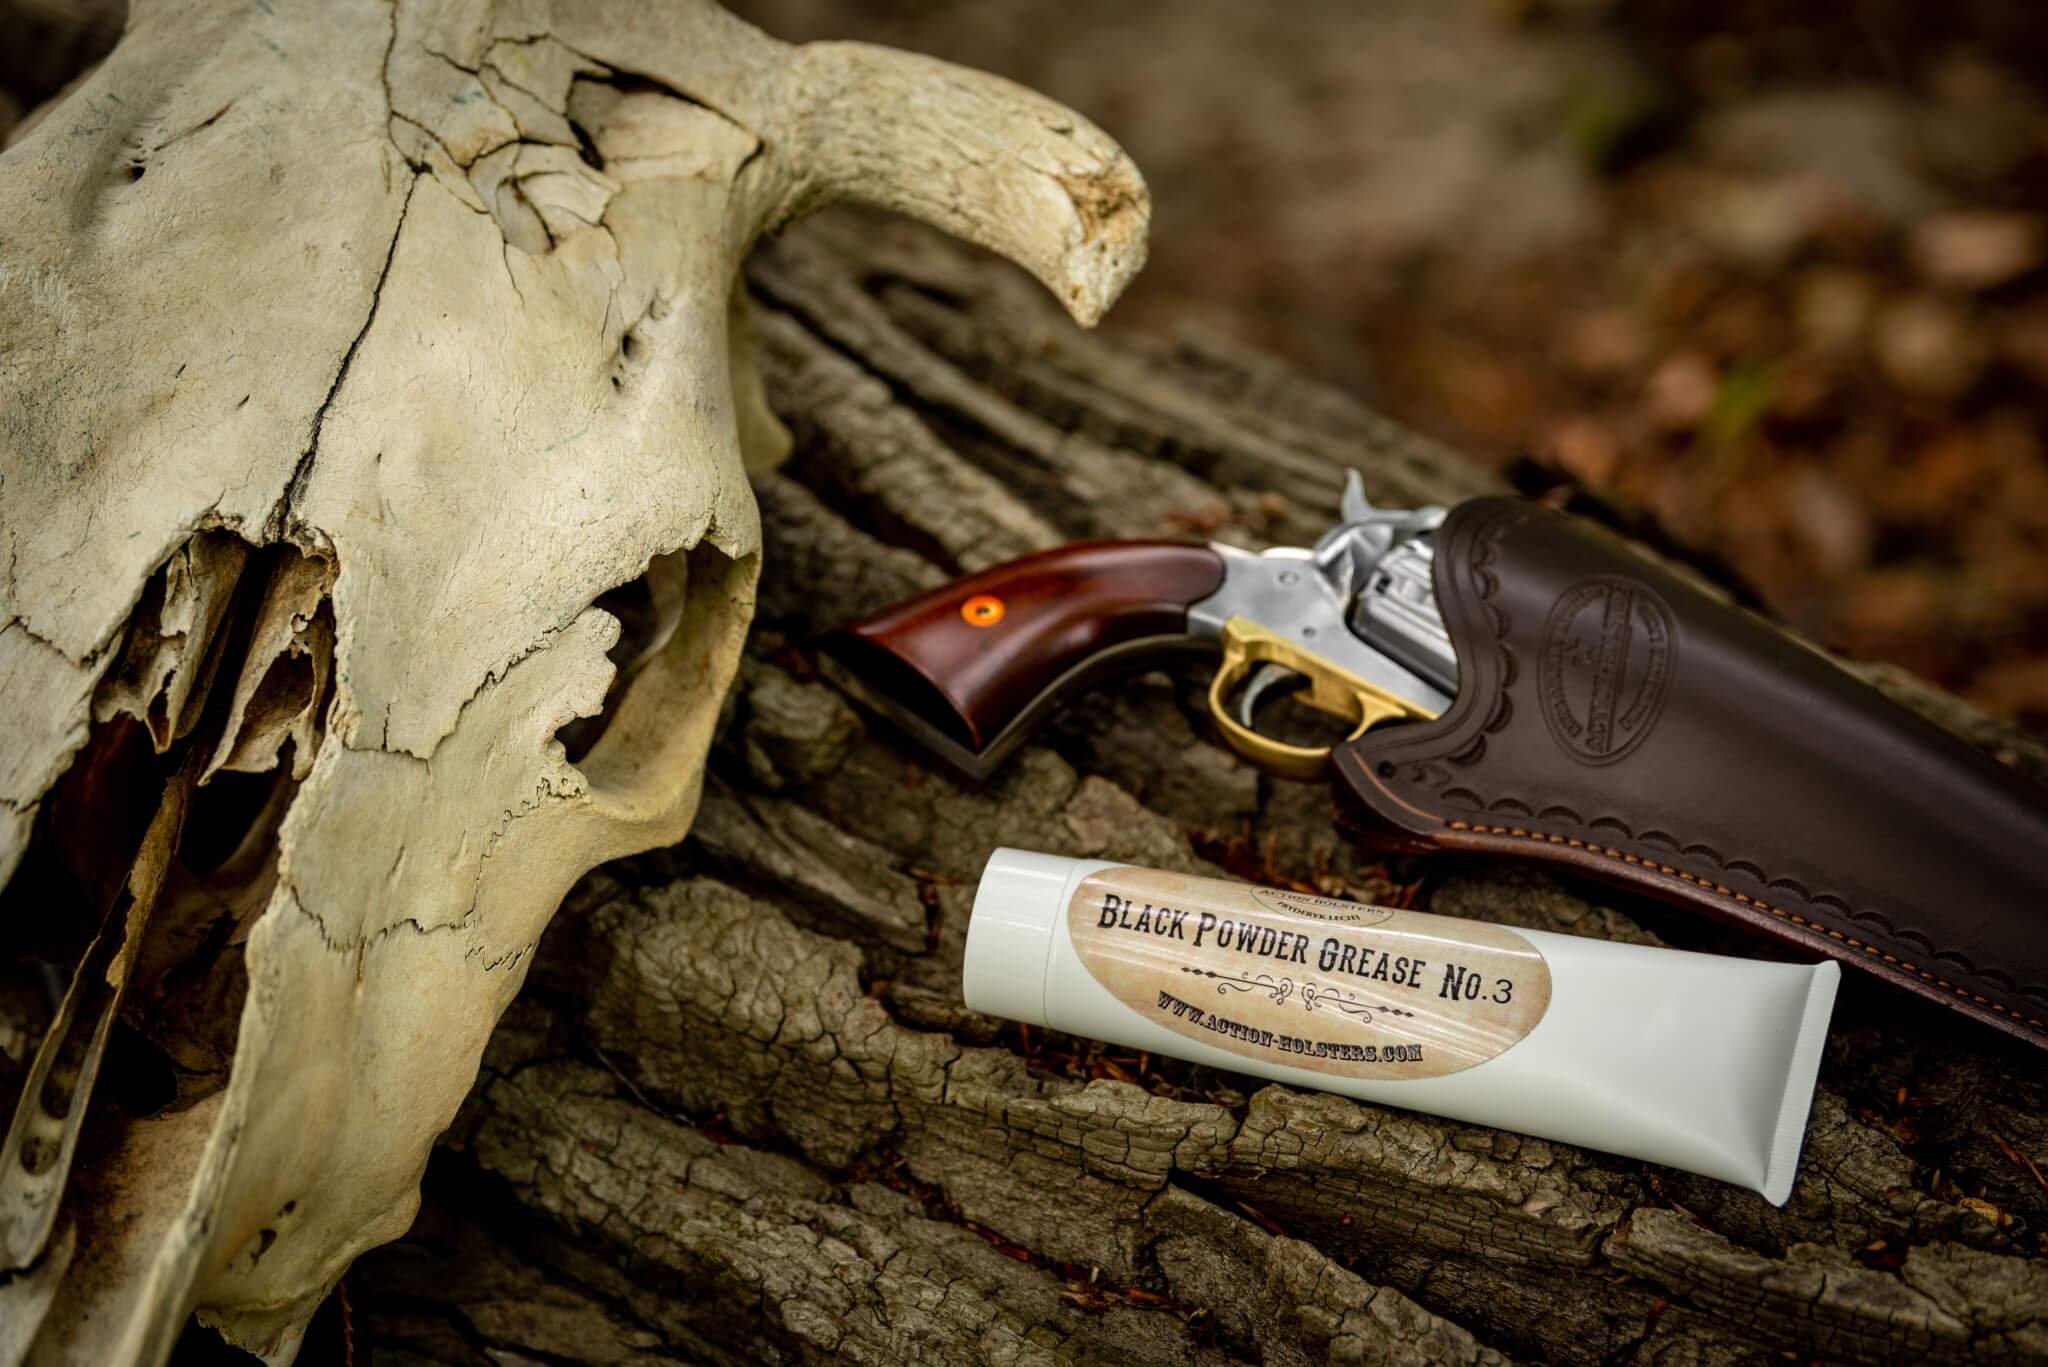 Broń czarnoprochowa bez zezwolenia – jak zacząć?